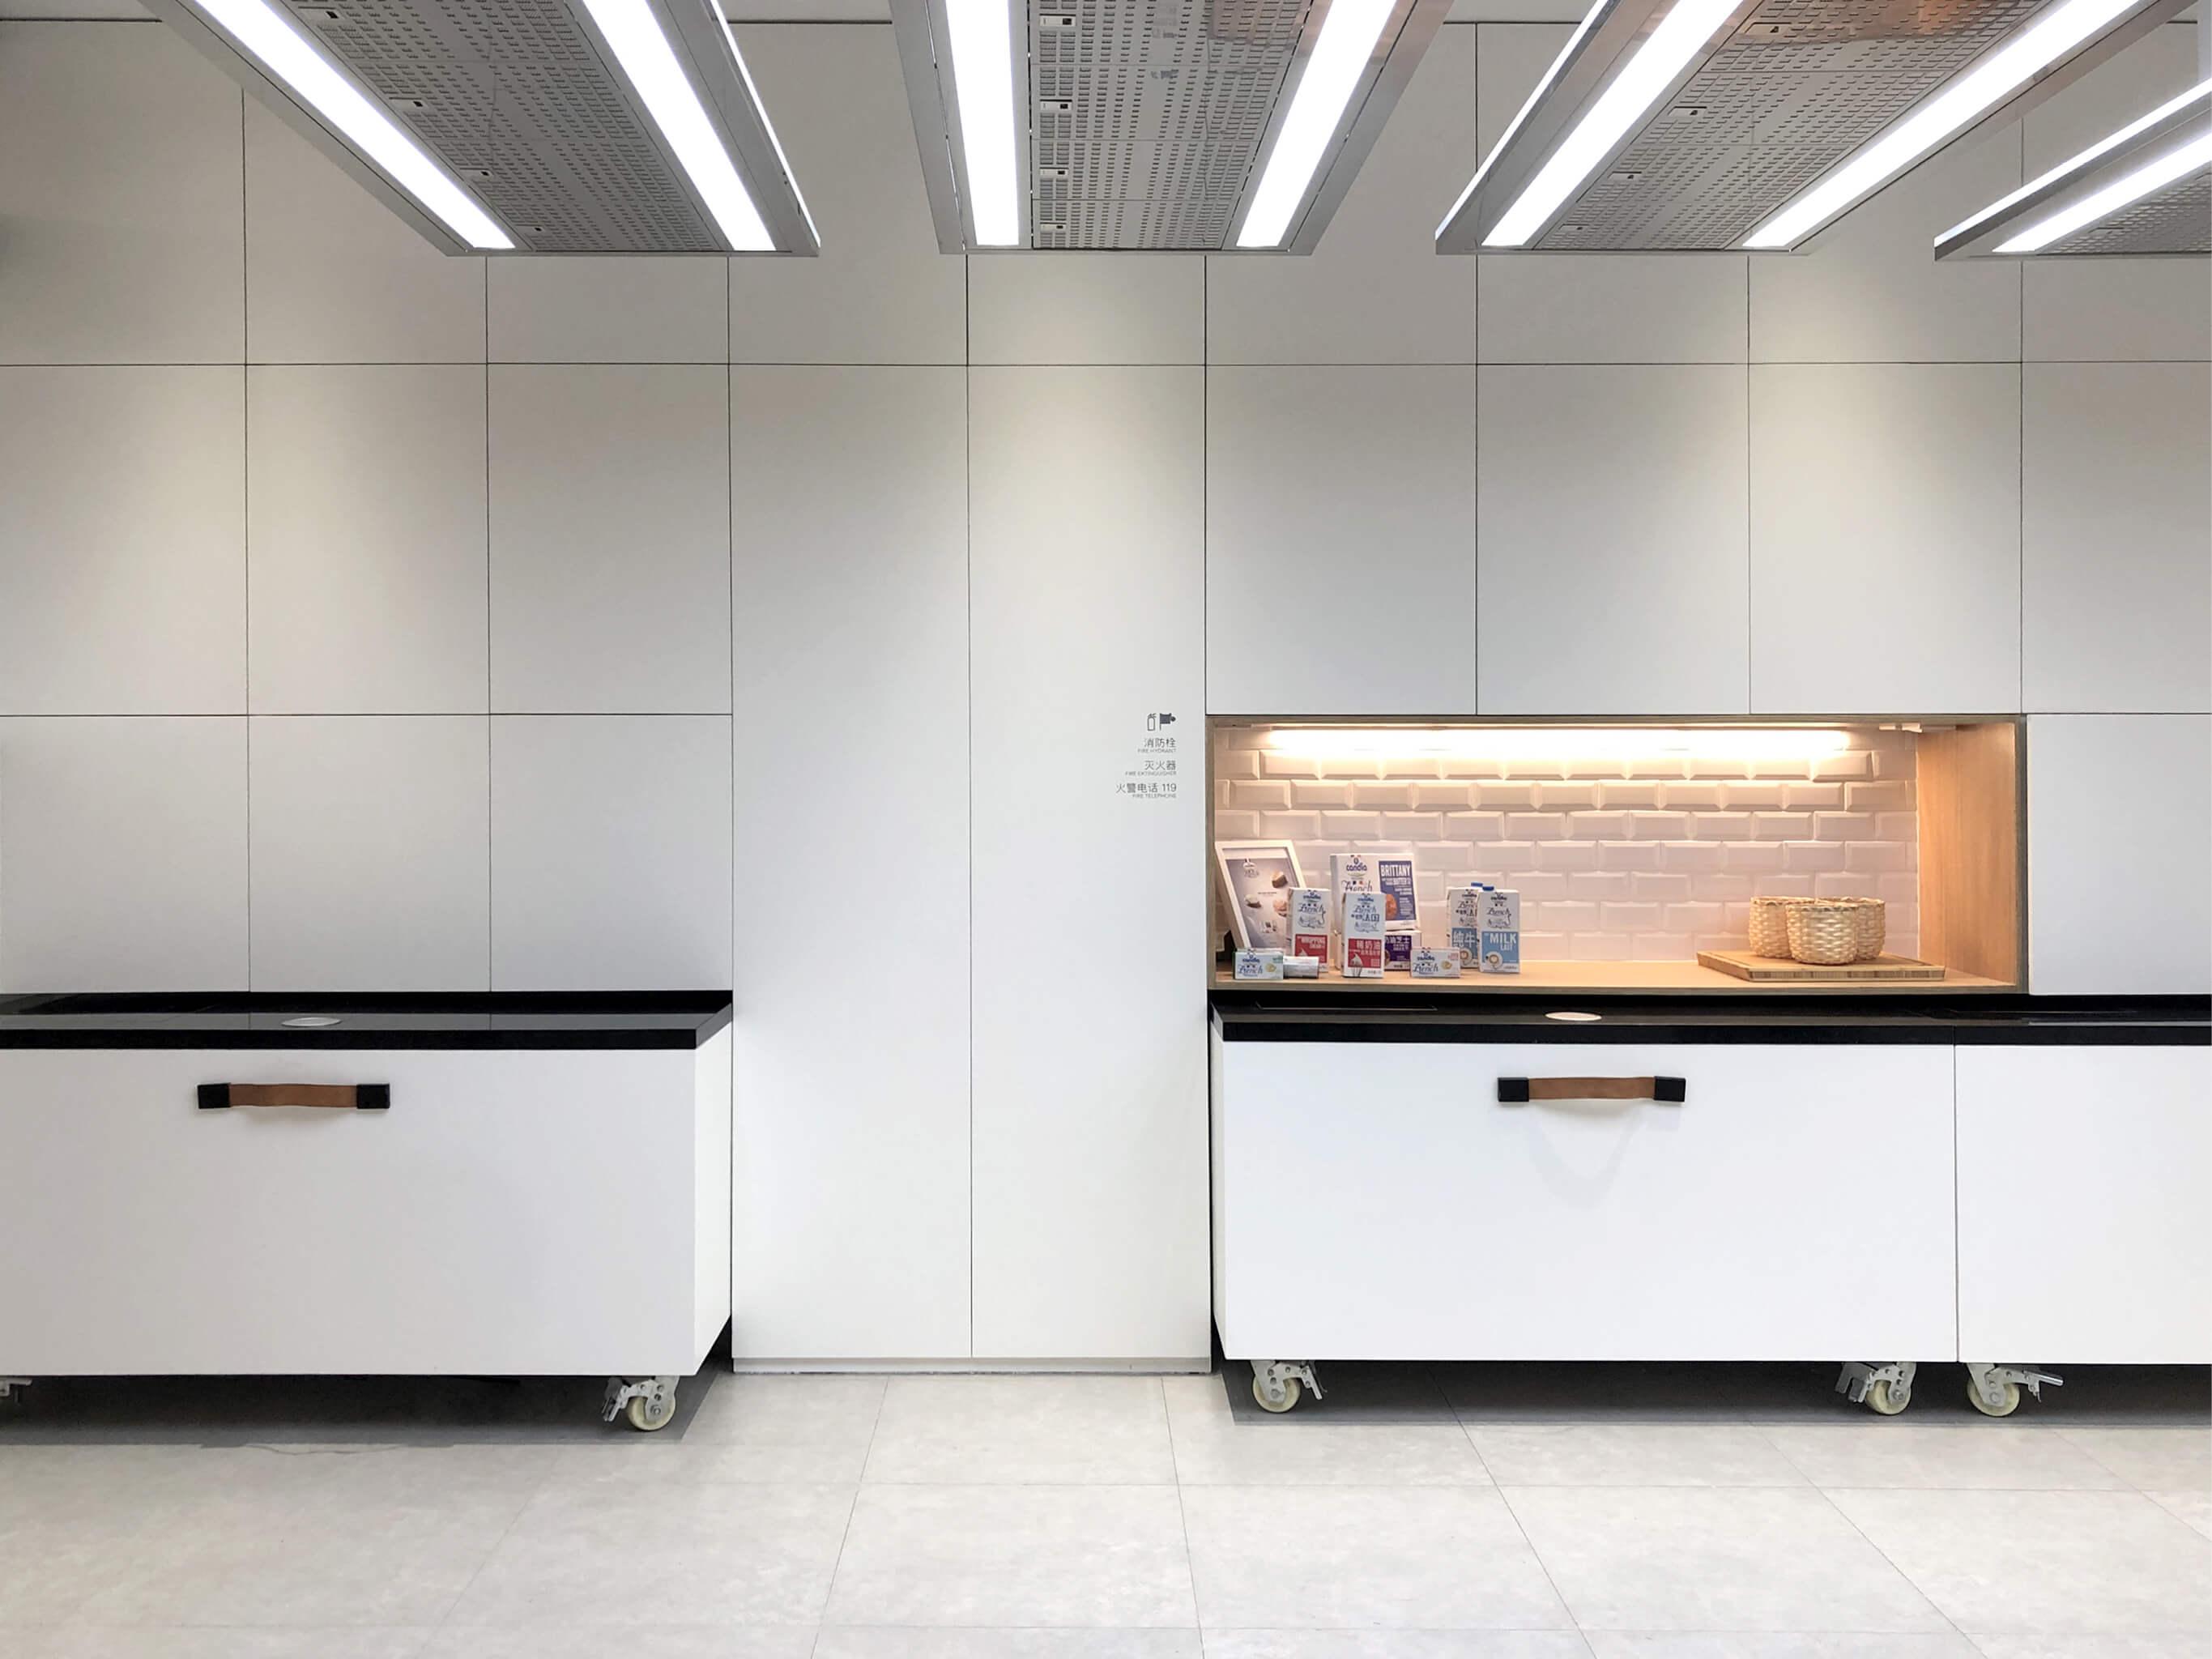 la-cremerie-mobilier-ilot-design-ichetkar53